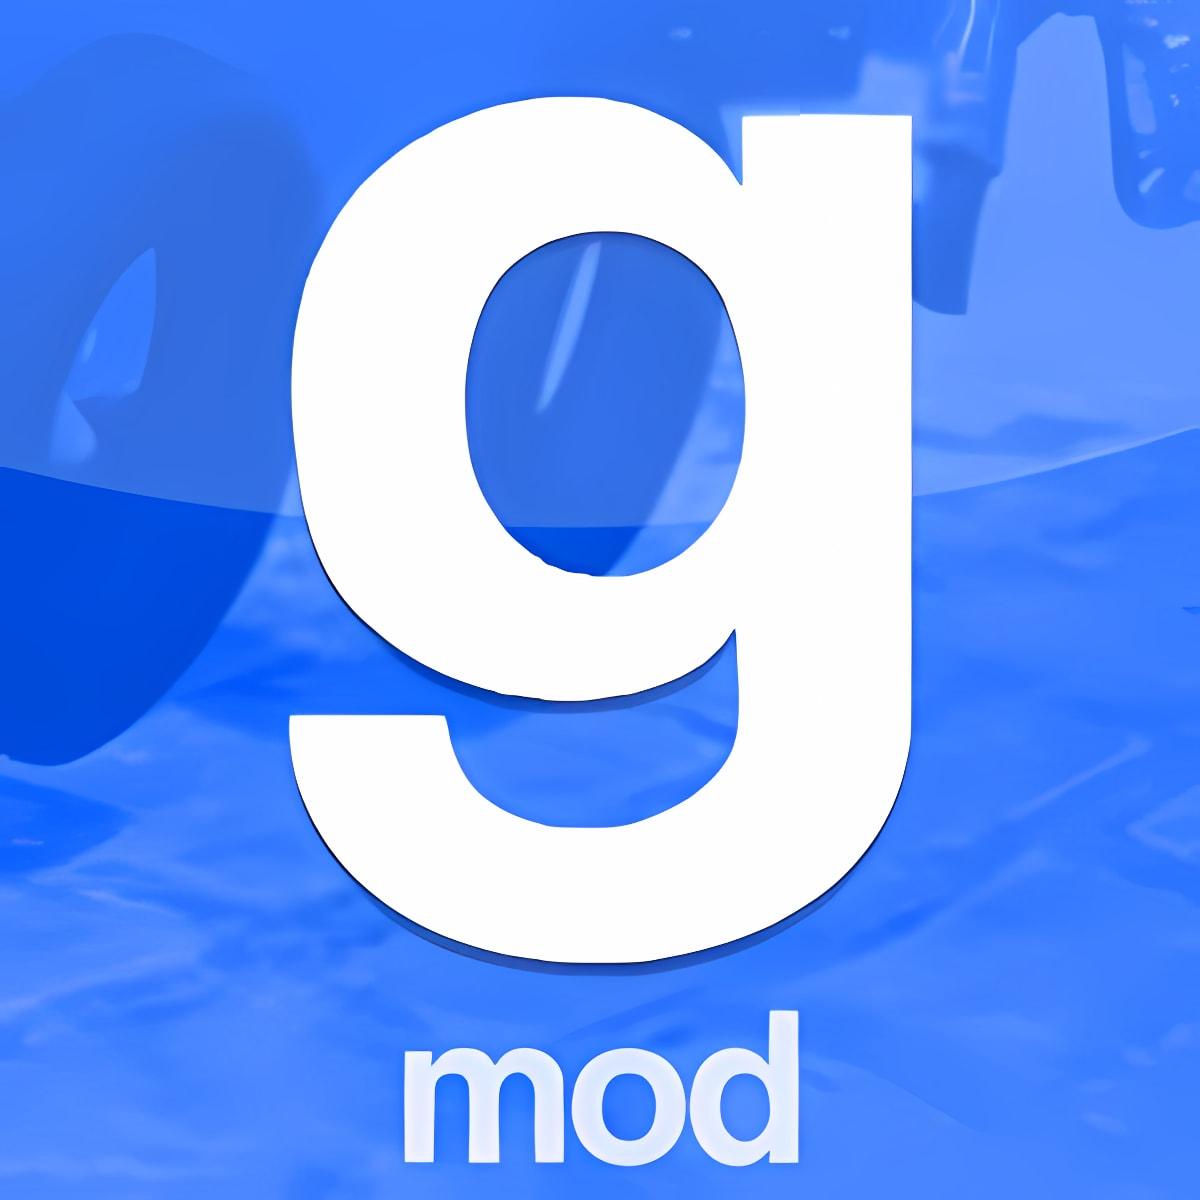 Free Garry's Mod Gmod